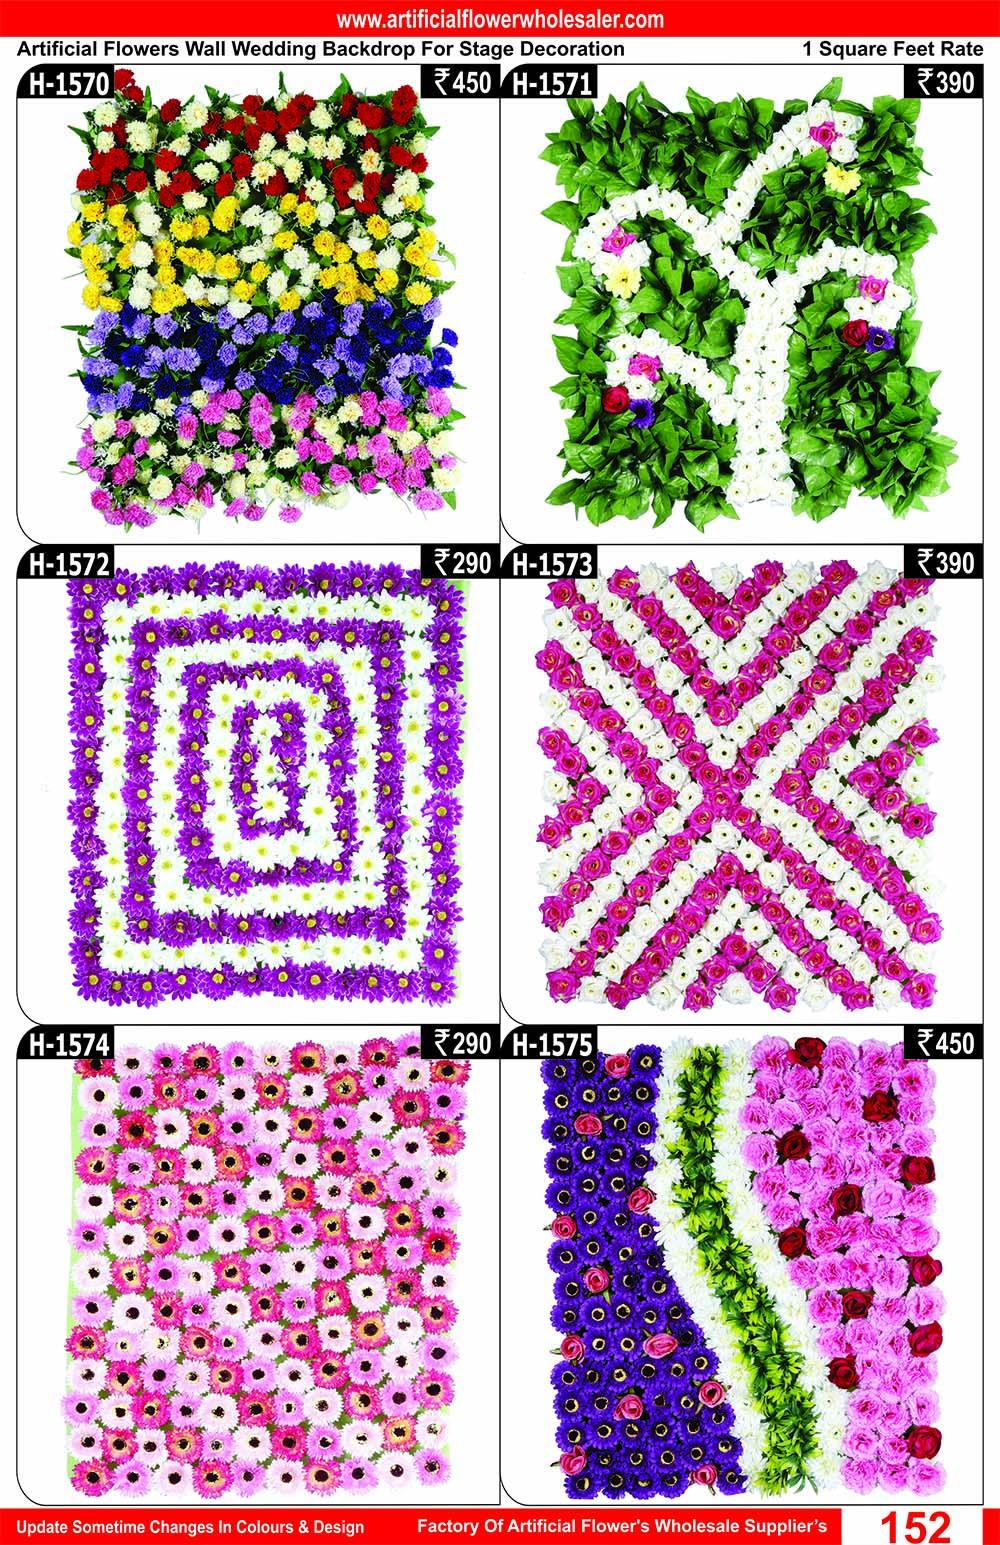 152-artificial-flower-wholesaler